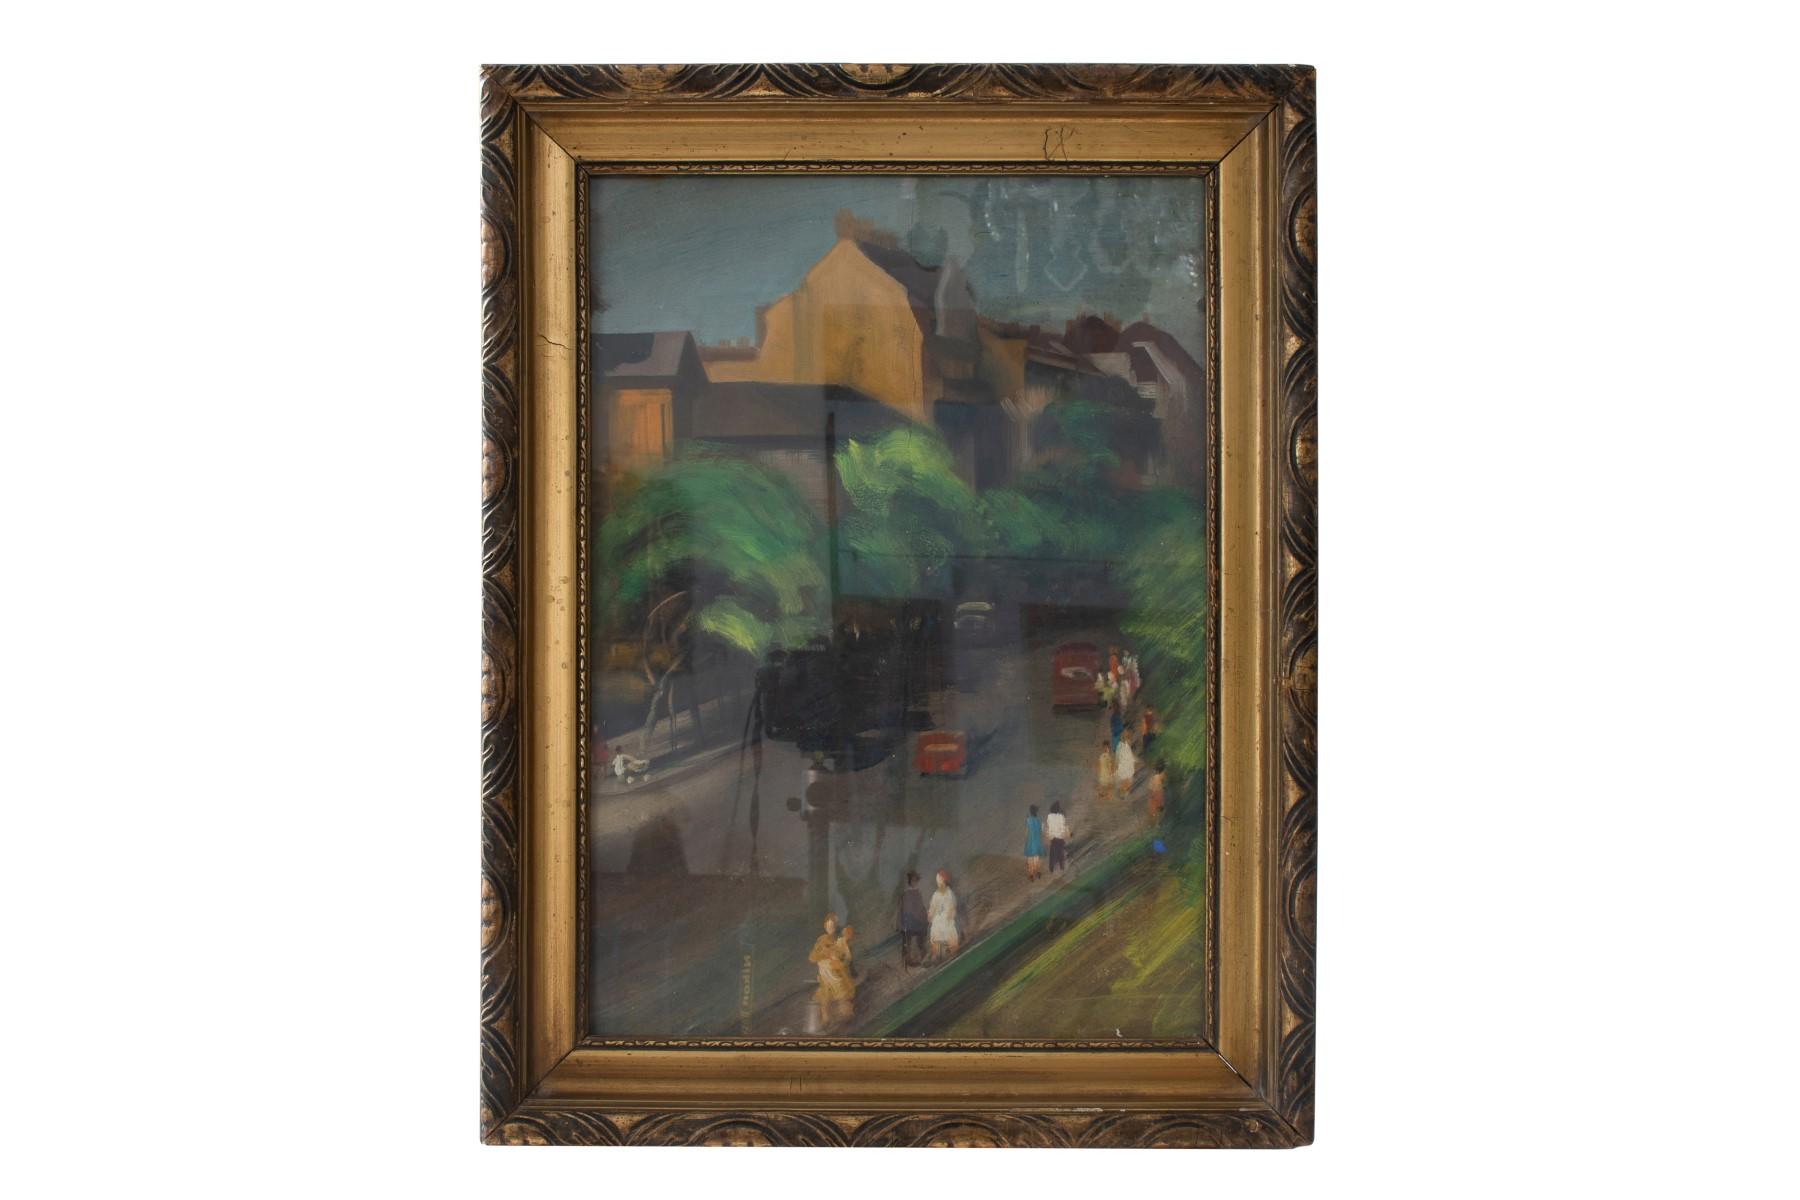 #54 Artist of the 20th Century, Urban traffic | Künstler des 20. Jahrhunderts, Stadtverkehr Image